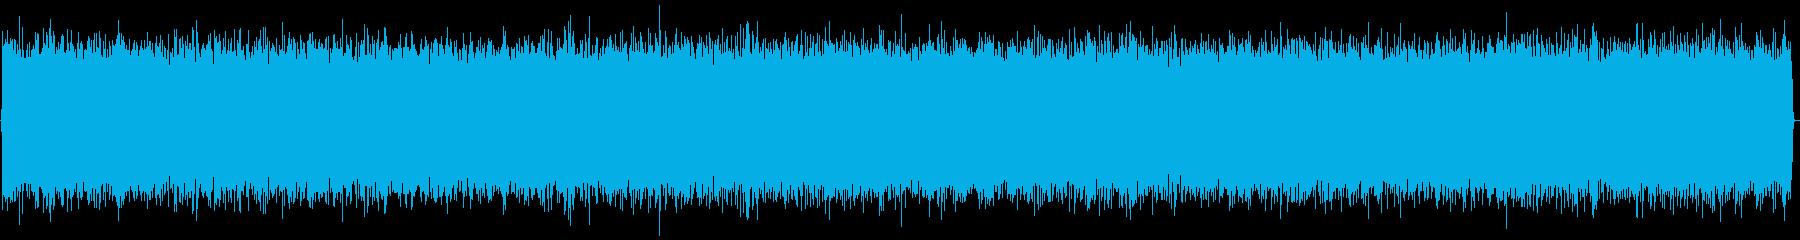 ノイズ(ゴーッ)長めの再生済みの波形